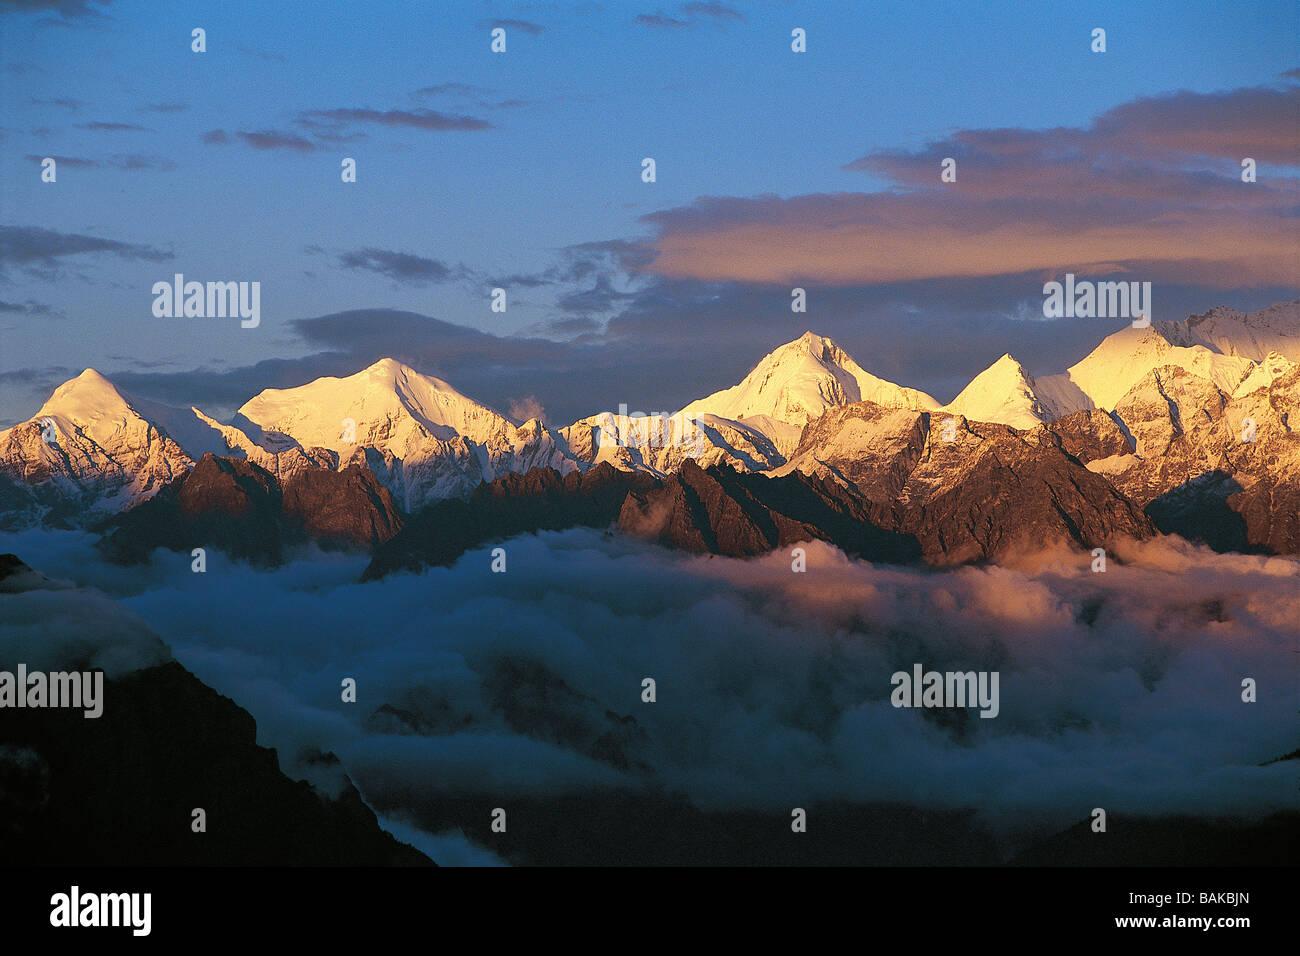 Sonnenaufgang am Chaukhamba Berge, Himalaya, Indien, Uttarakhand Zustand Stockbild